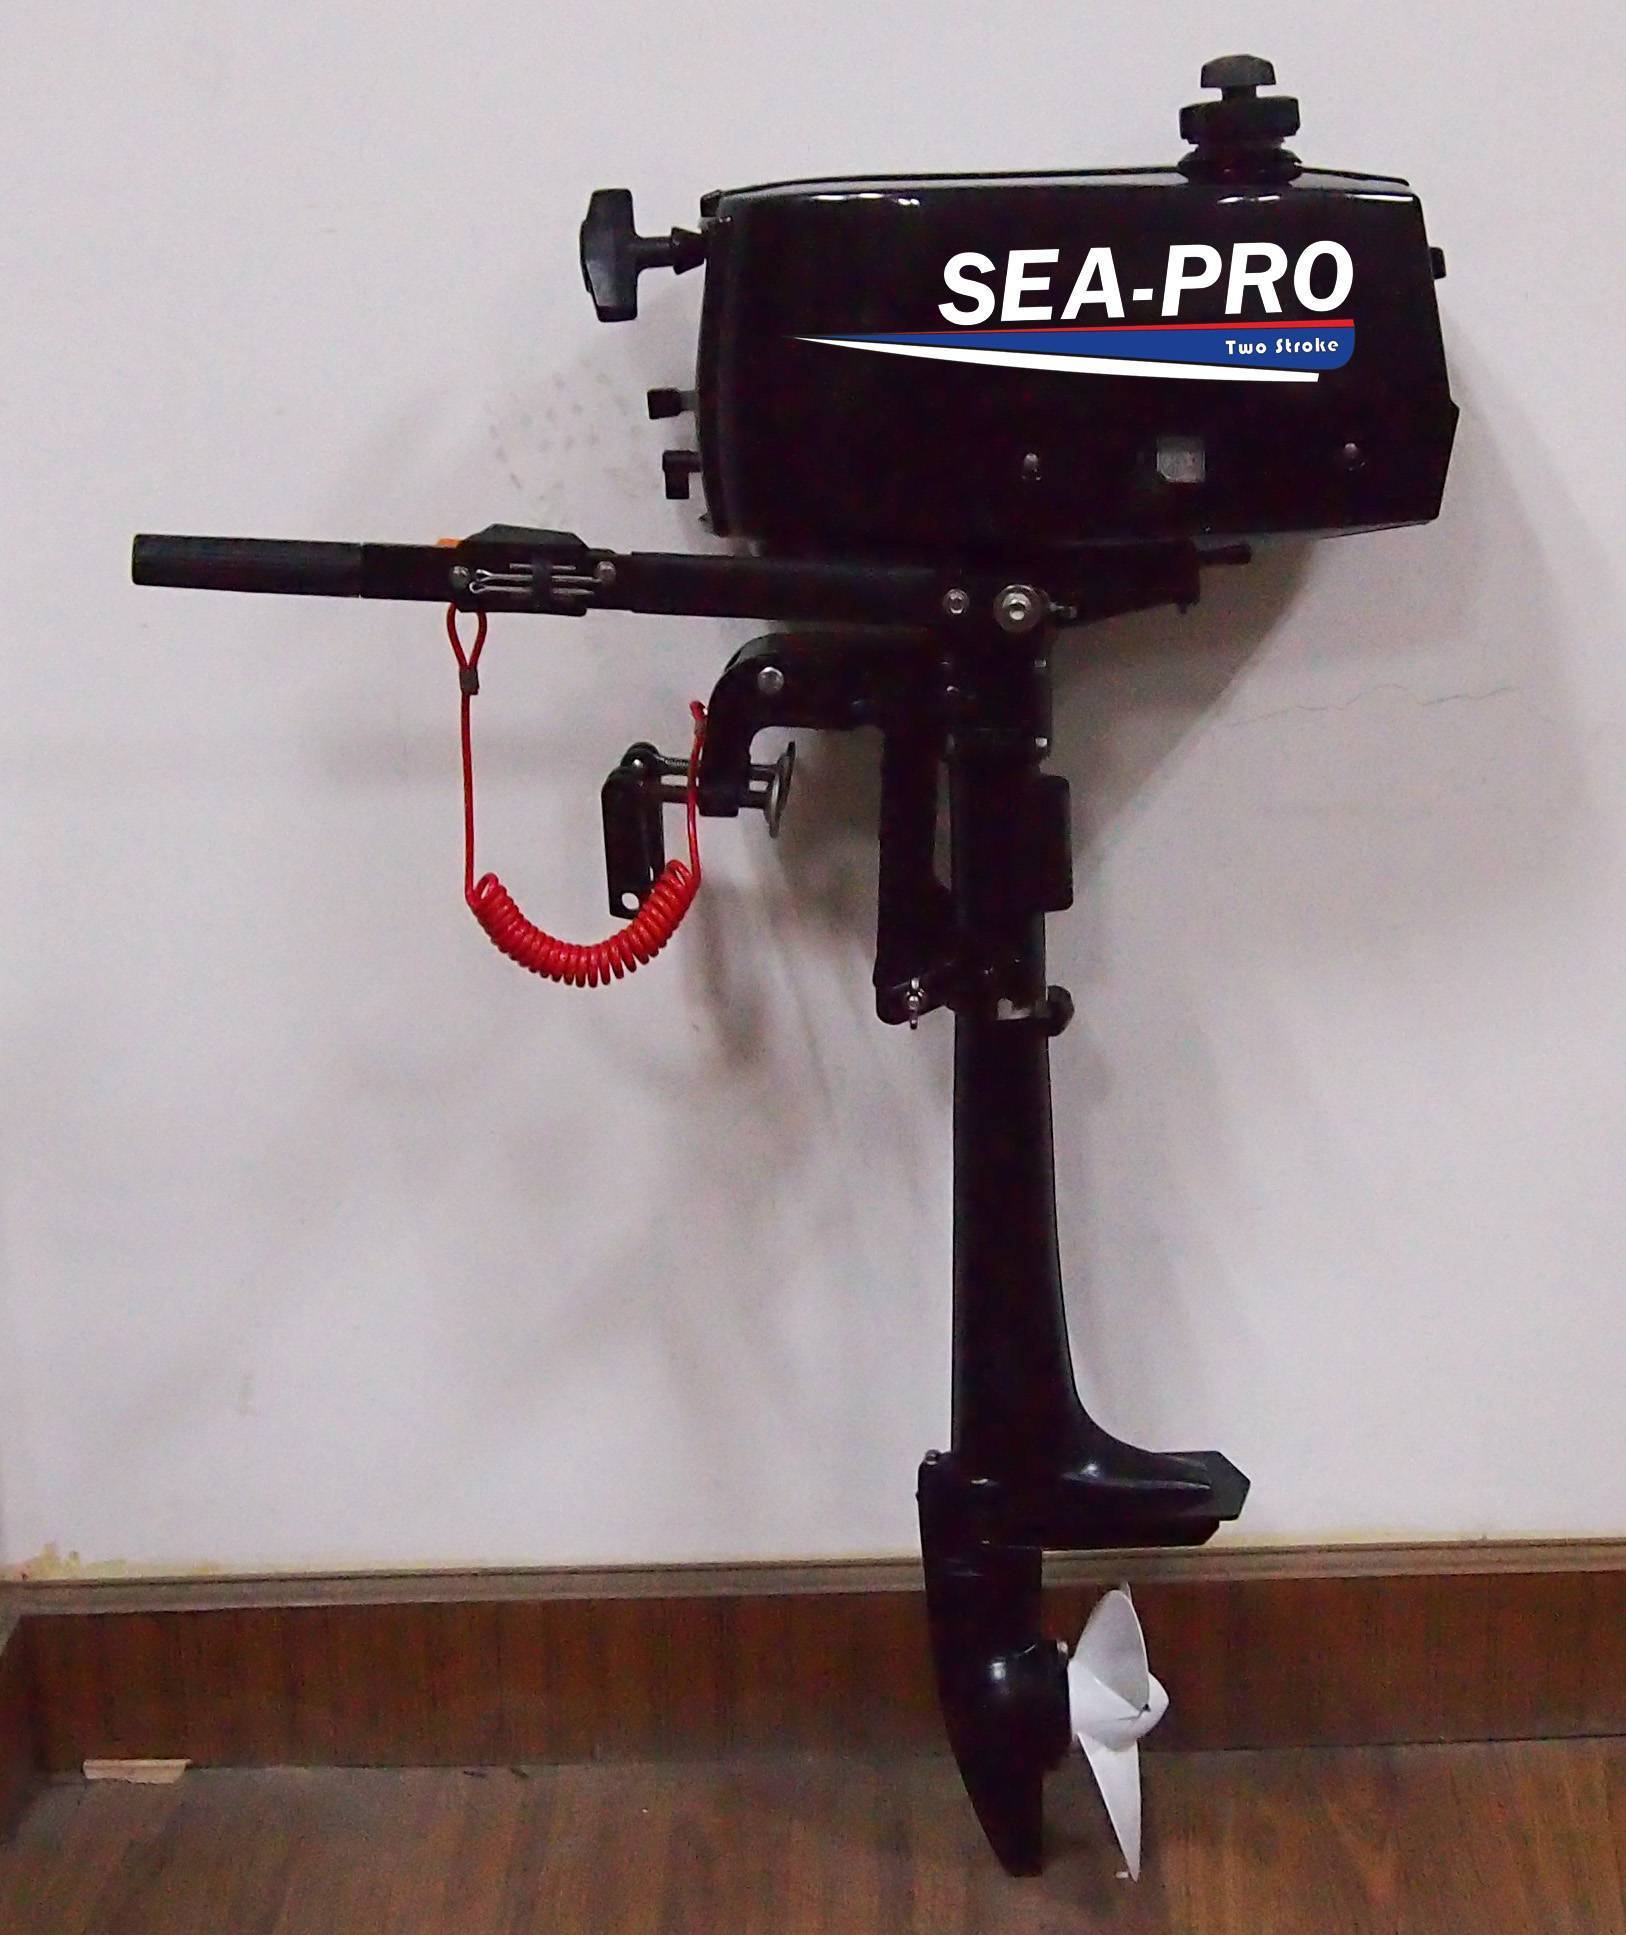 Лодочный мотор sea pro f 20 e характеристики и отзывы владельцев